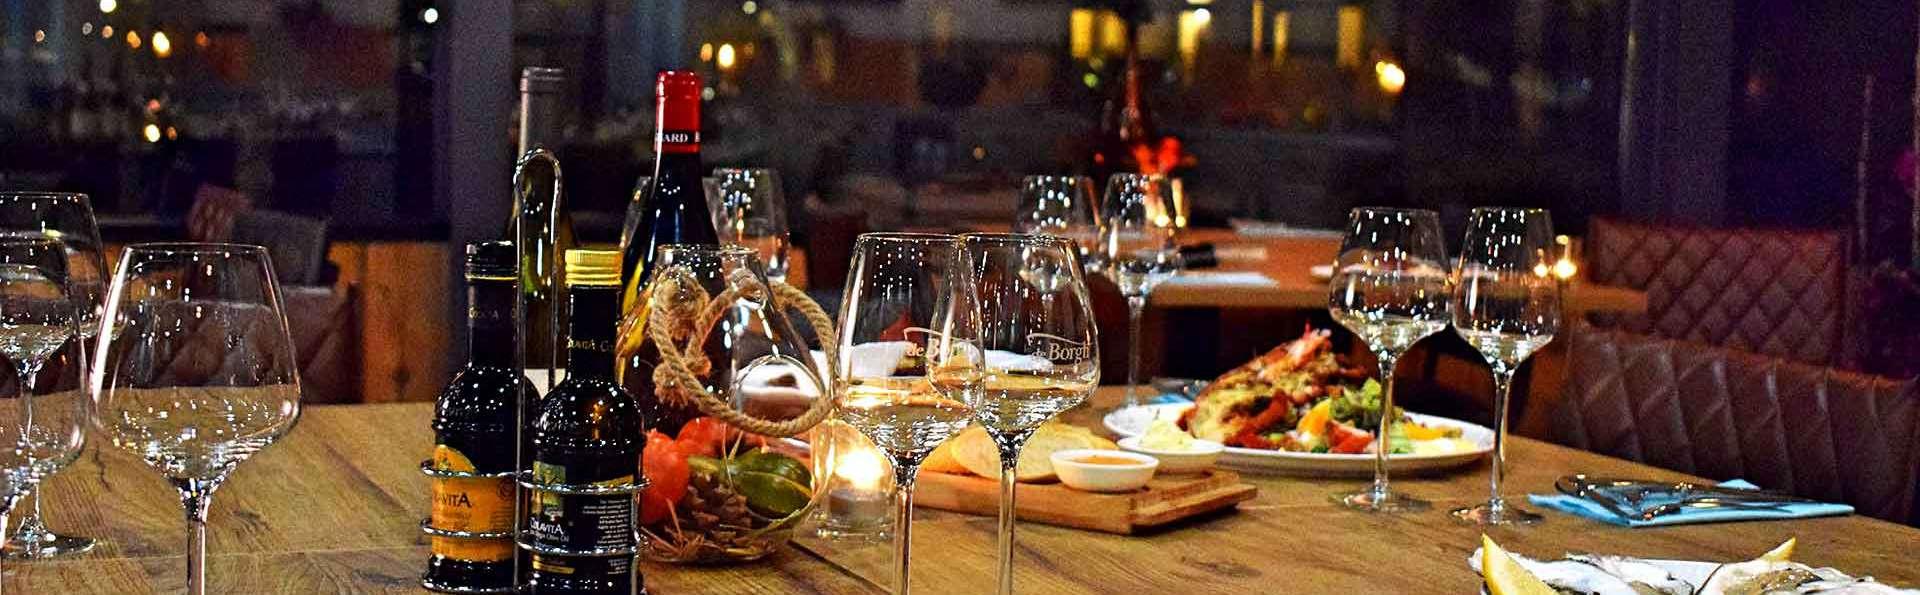 Heerlijk tafelen en de Brabantse natuur verkennen (vanaf 2 nachten)